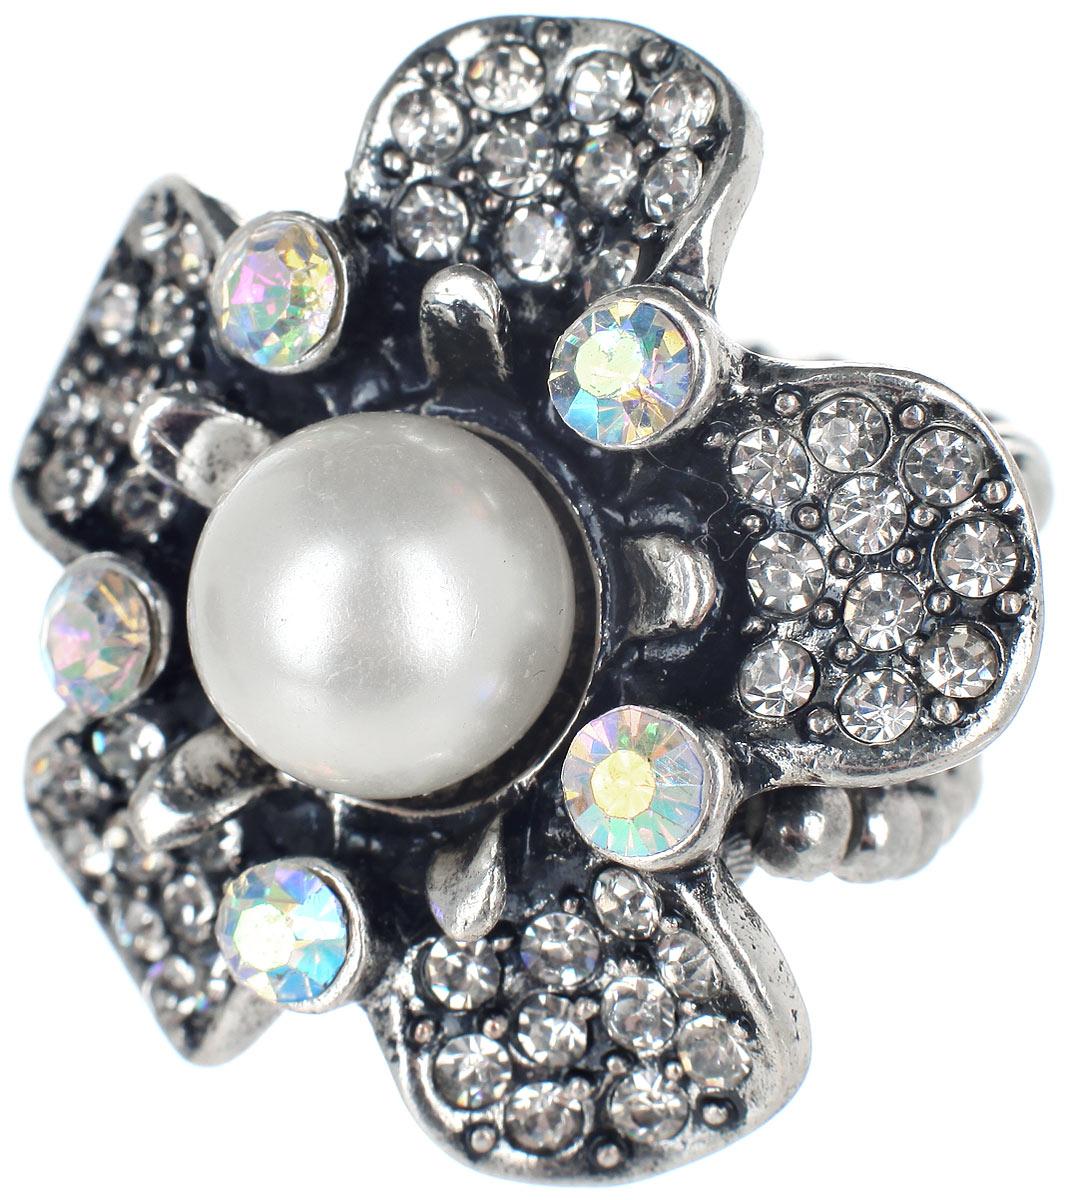 Кольцо Taya, цвет: серебристый, белый. T-B-7330Коктейльное кольцоСтильное кольцо Taya, выполненное из металлического сплава в форме цветка, оформлено бусиной и стразами. Элементы кольца соединены между собой при помощи тонкой резинки, благодаря которой изделие имеет универсальный размер. Его легко снимать и надевать.Такое кольцо внесет изюминку в любой образ и подчеркнет индивидуальность.